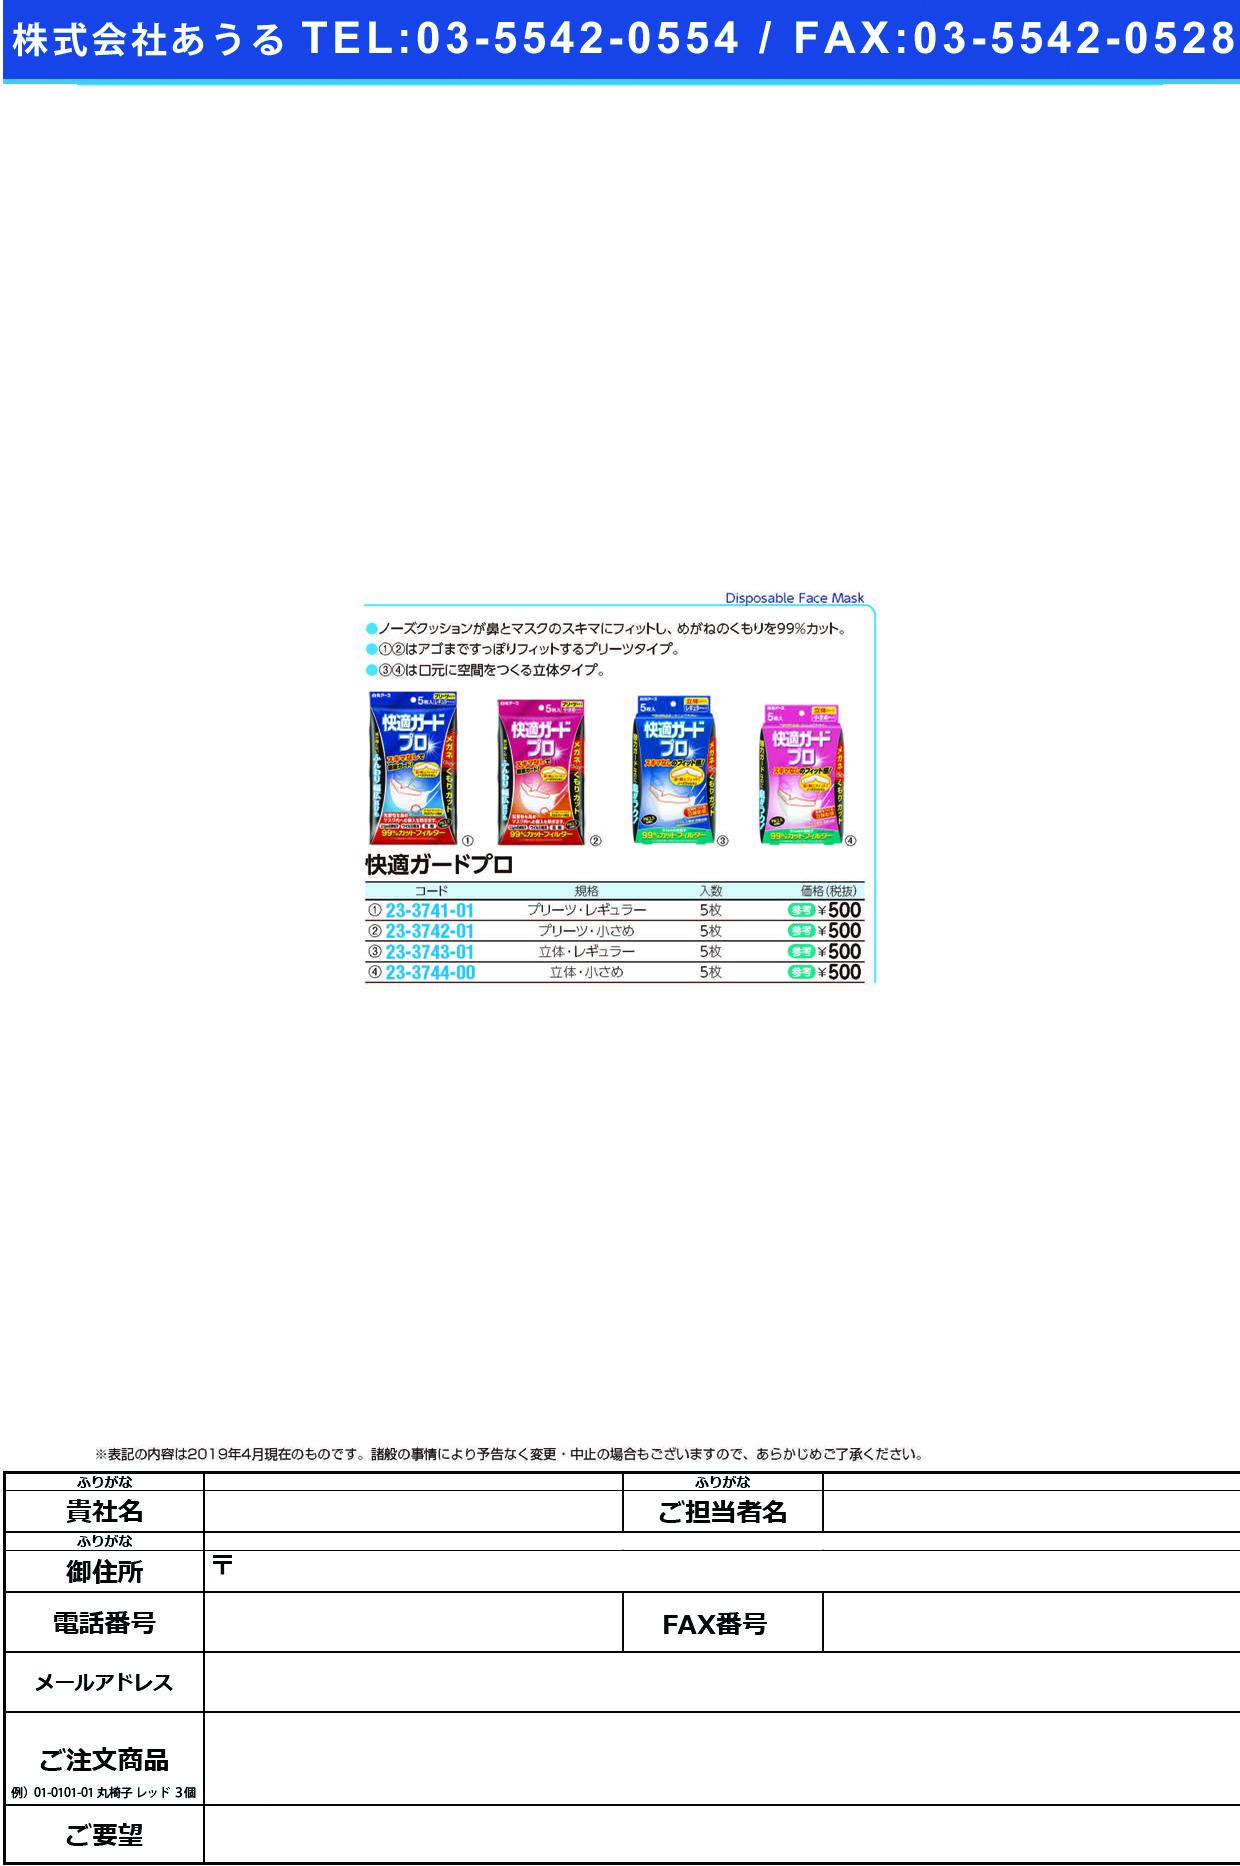 (23-3741-01)快適ガードプロ(プリーツ) レギュラーサイズ(5マイイリ) カイテキガードプロプリー(白元アース)【1個単位】【2019年カタログ商品】